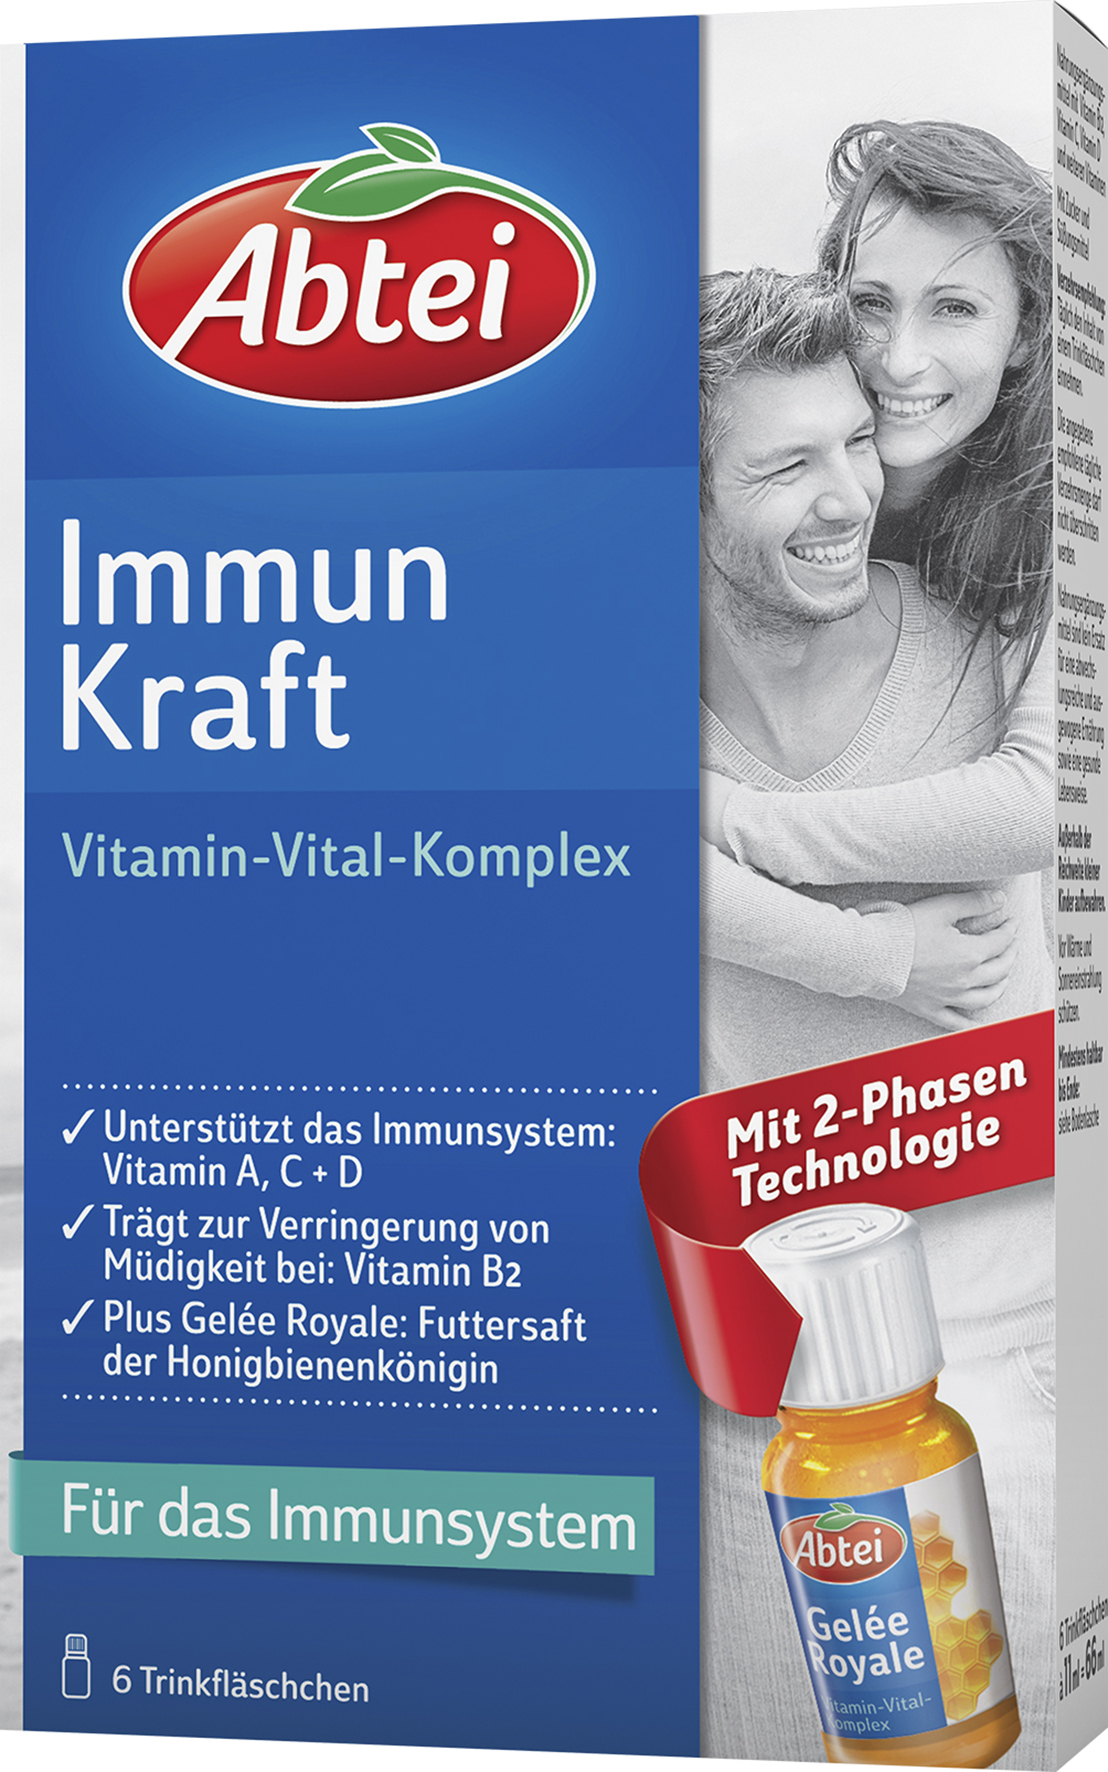 Immun Kraft Vitamin-Vital-Komplex (6x11ml Ampul...